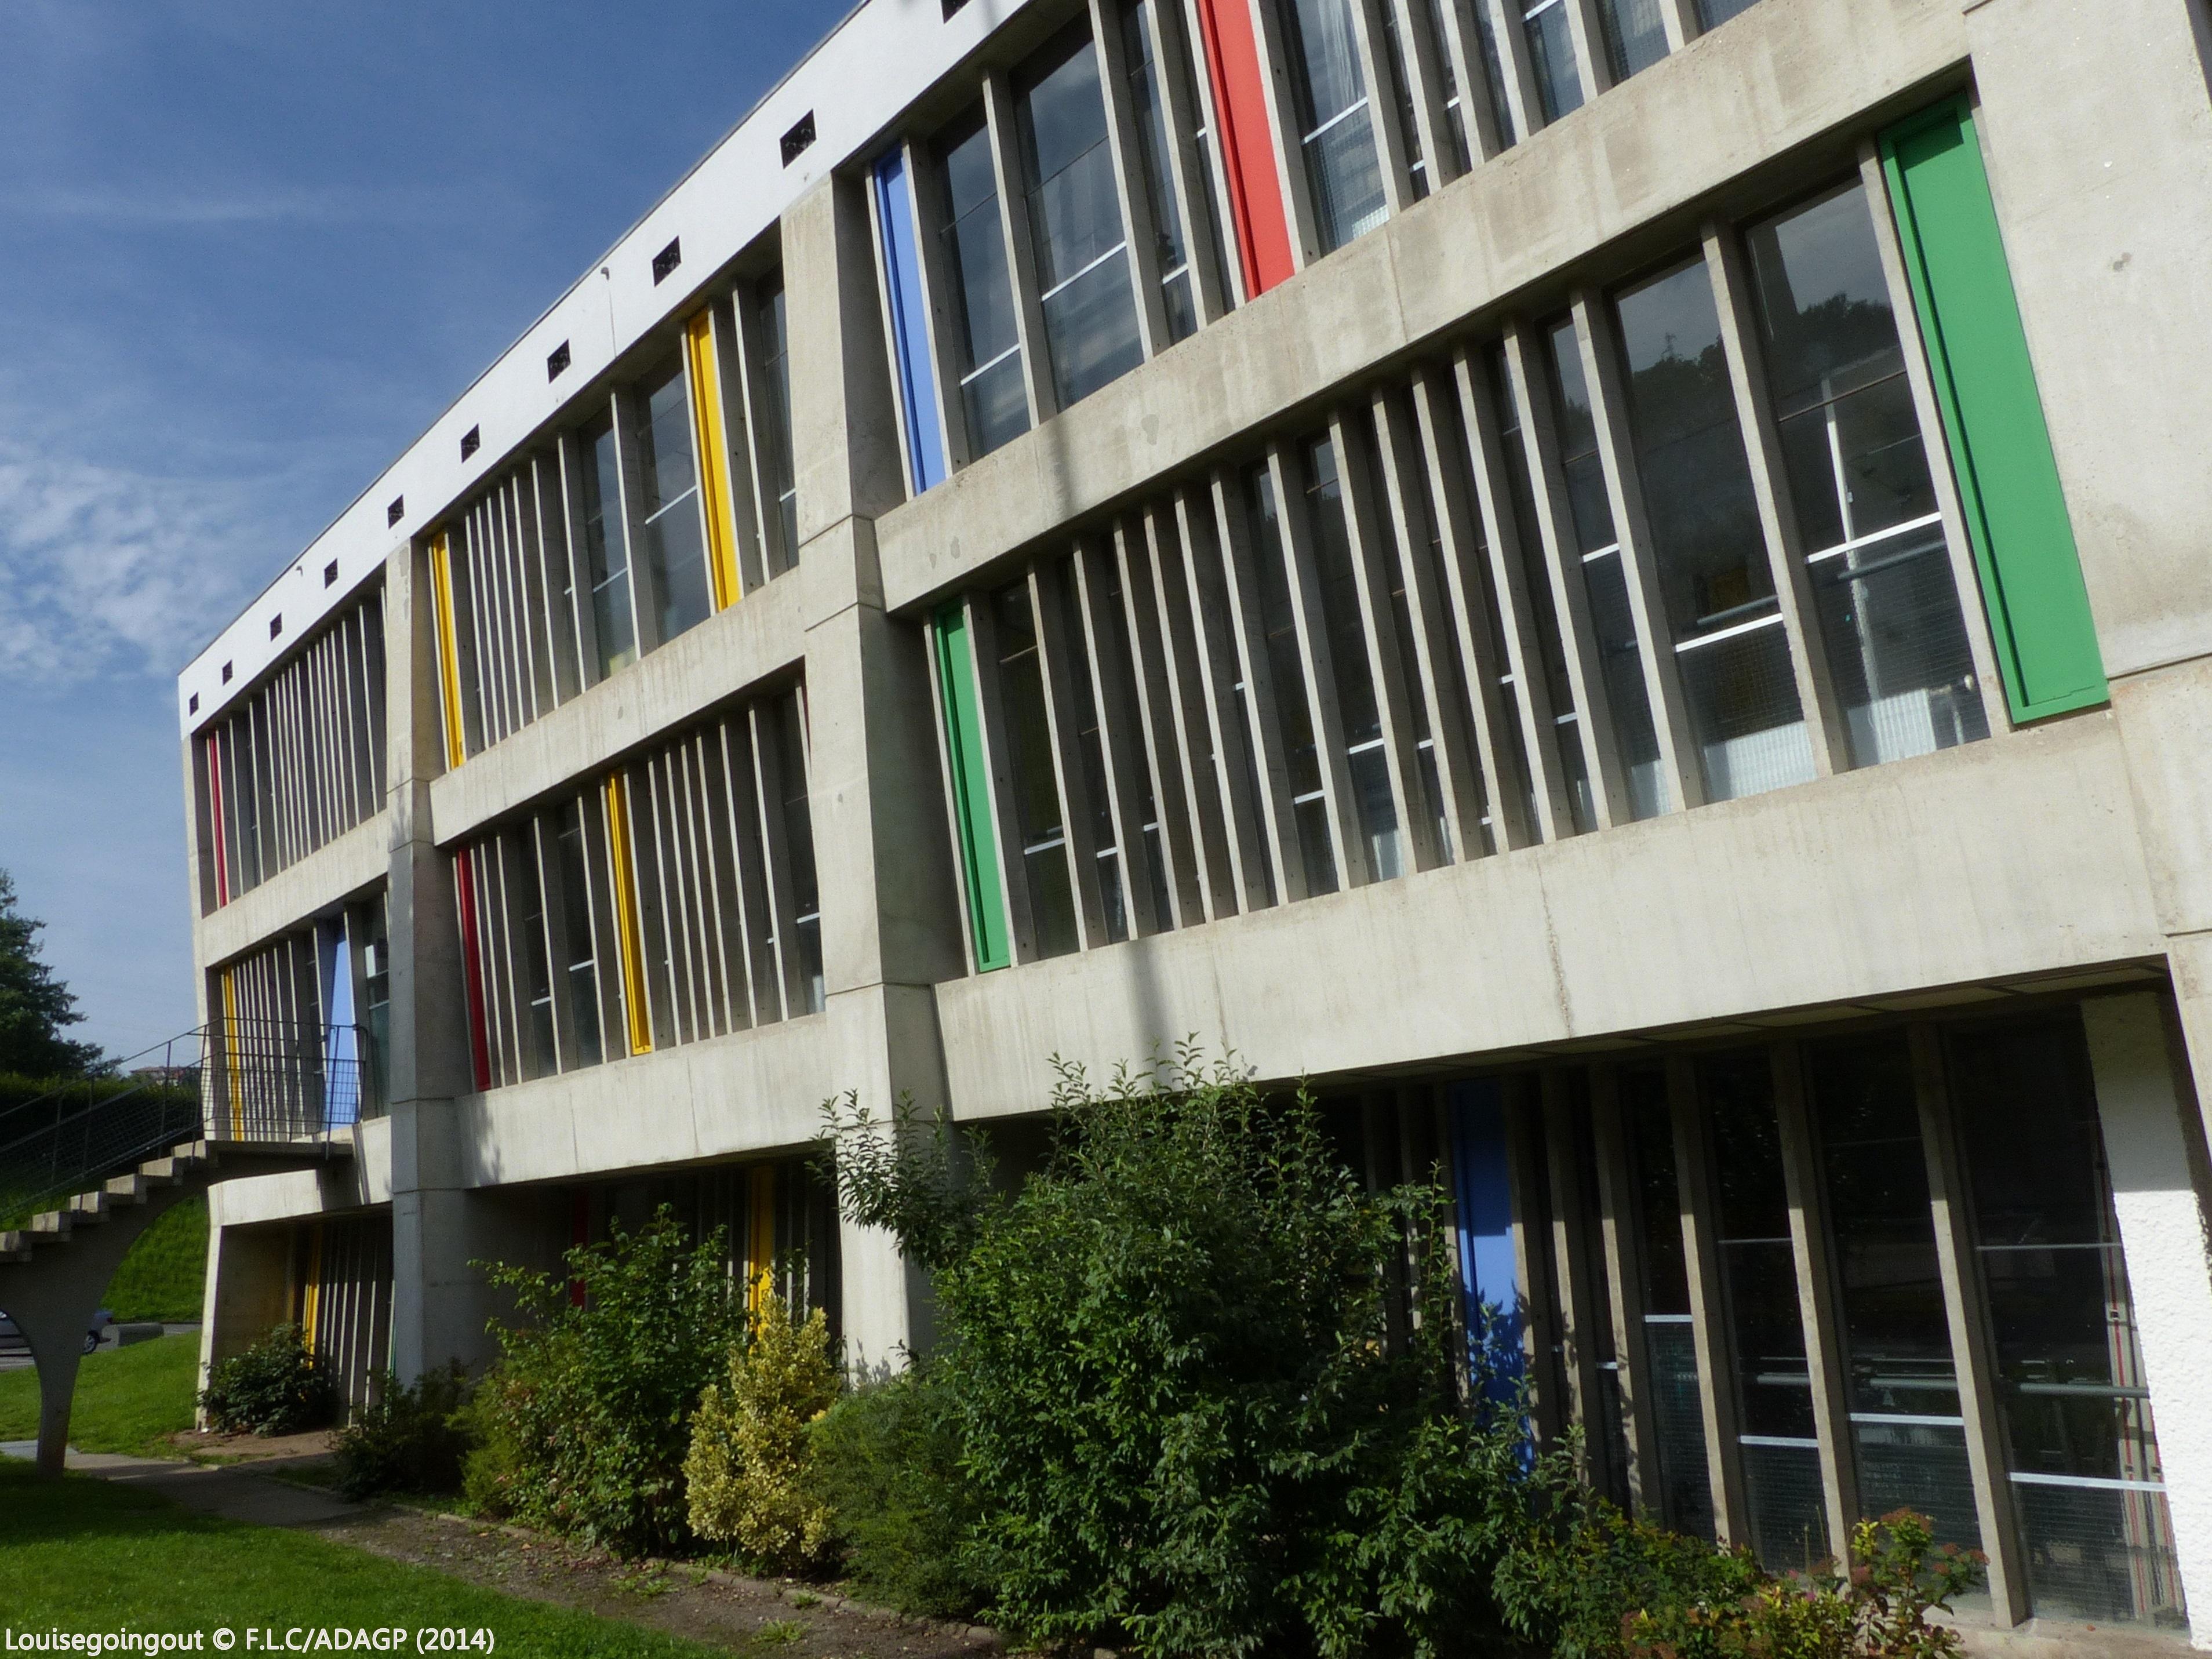 Le site le corbusier de firminy vert lou 39 ise going out - Maison de la culture de firminy vert ...